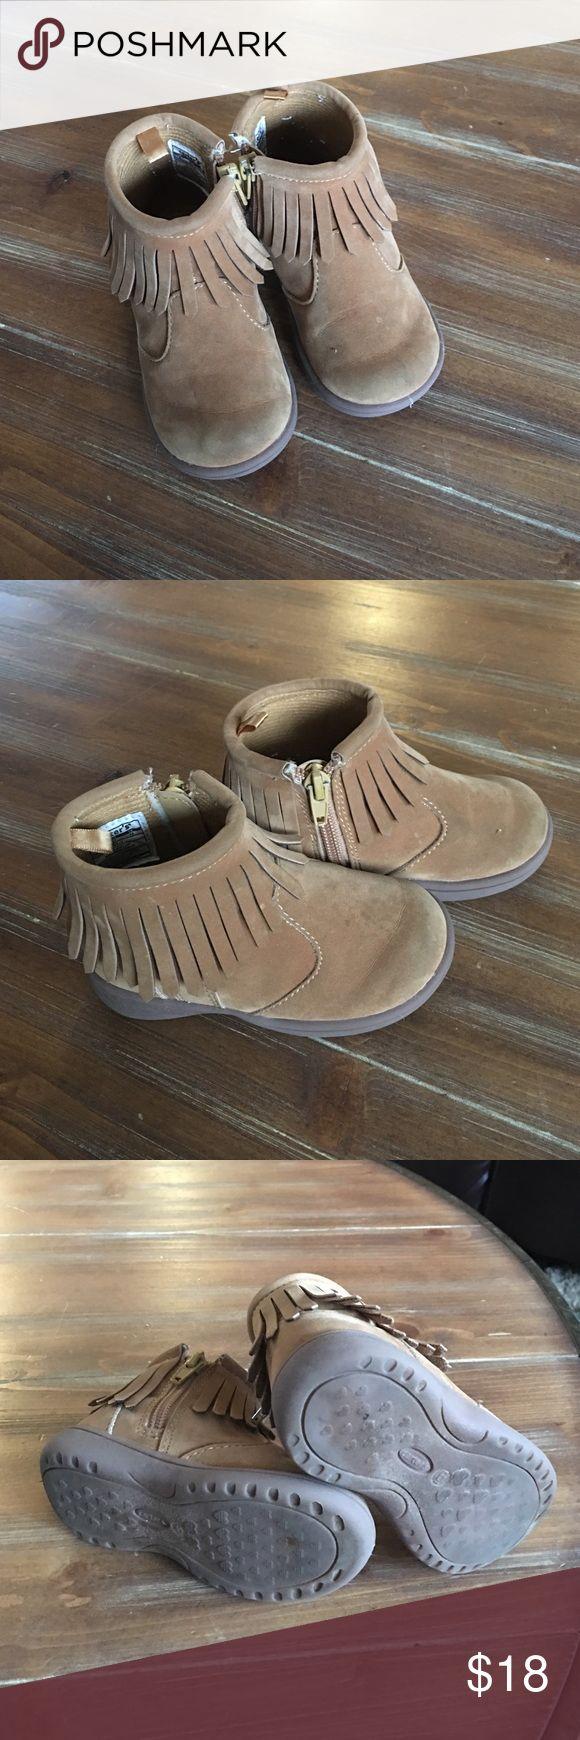 Suede fringe ankle boots Little girls camel colored Suede fringe ankle boots by Carter's! Size girls 6!! Carter's Shoes Boots